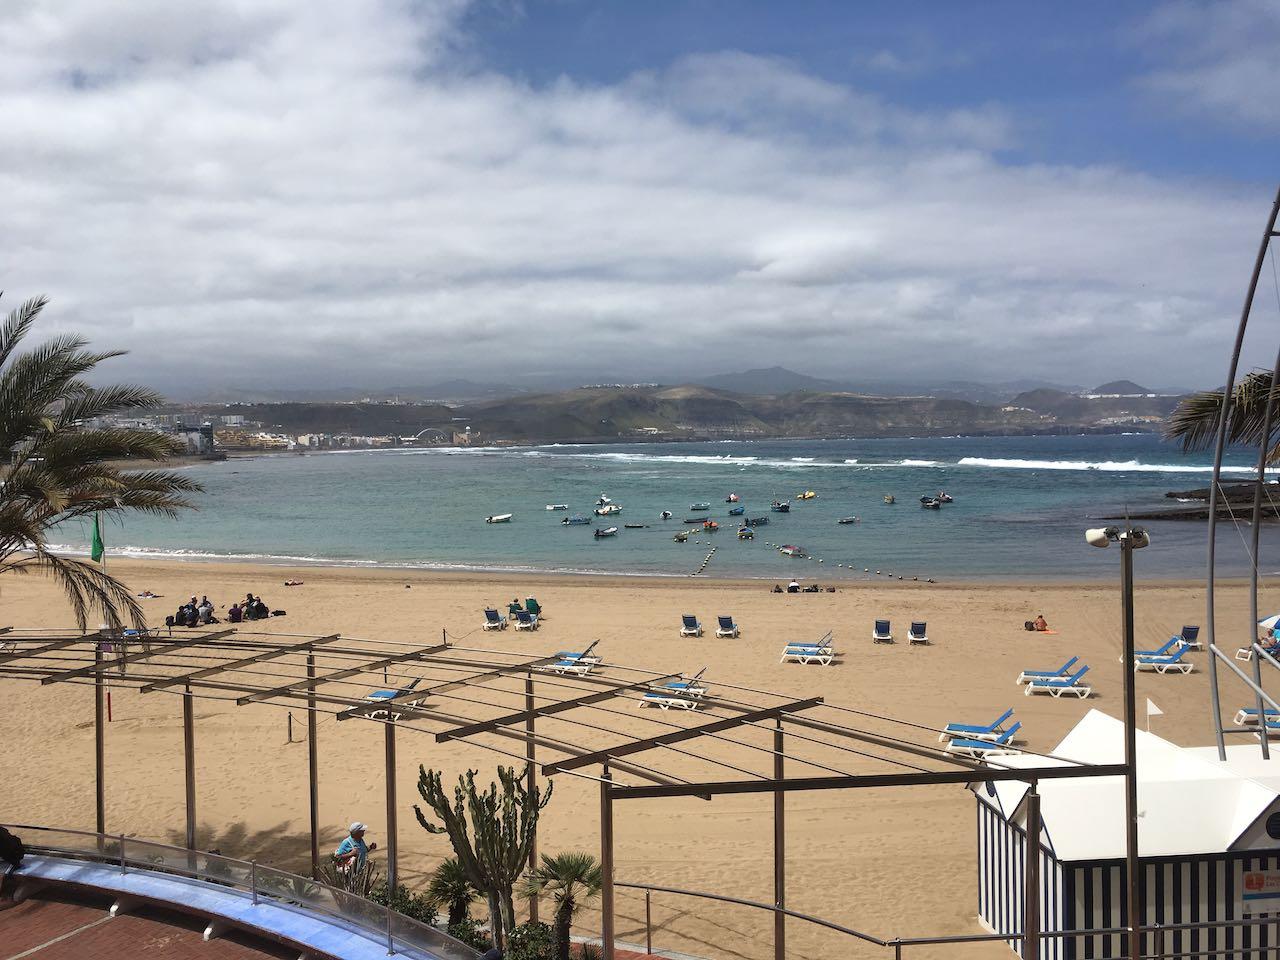 April auf Gran Canaria. Da hat man doch gerne eine Konferenz.